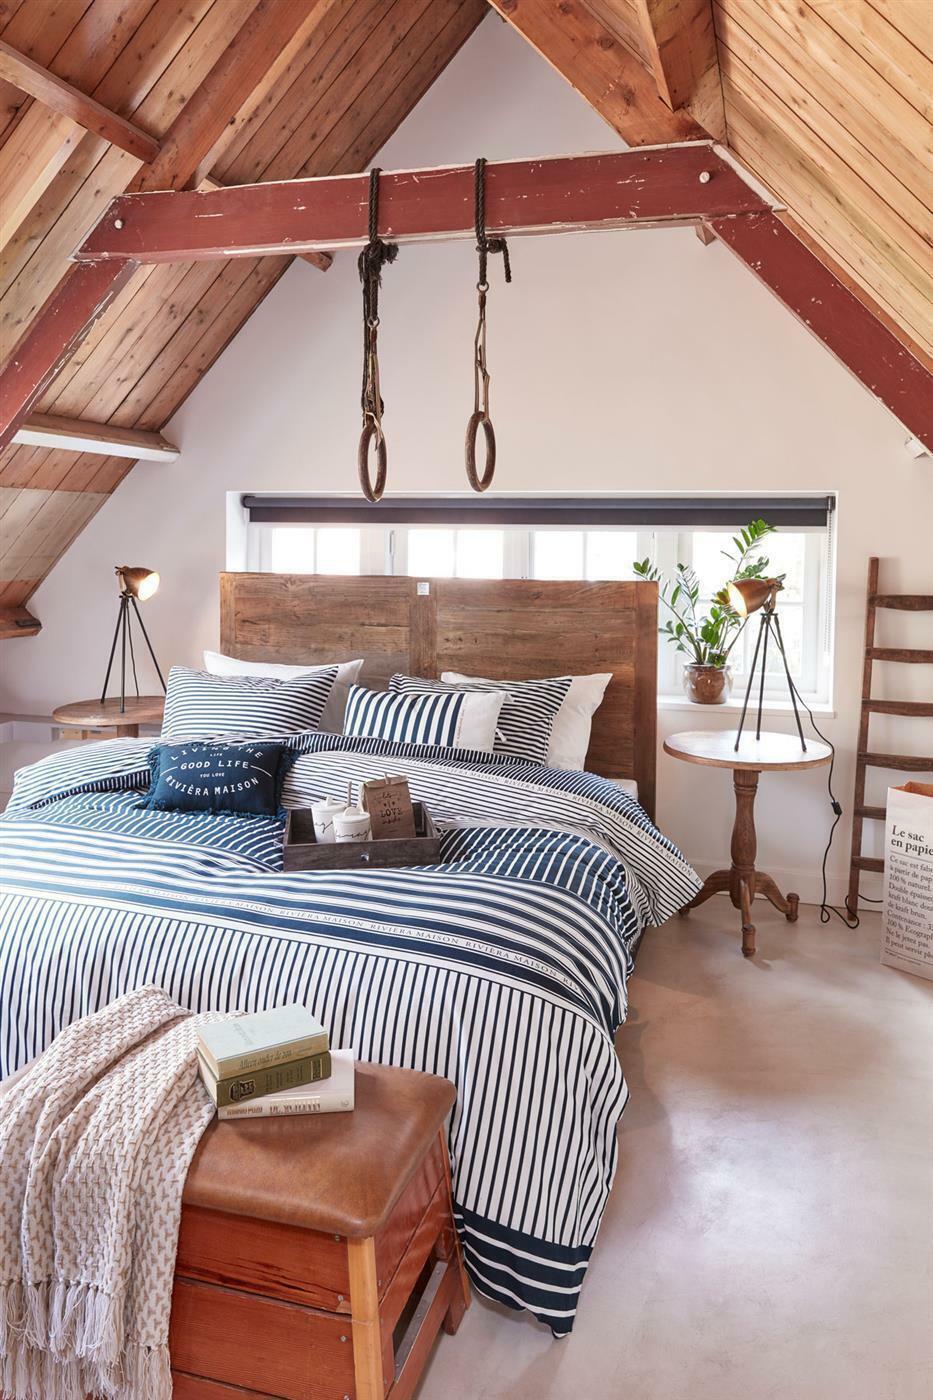 Rivièra Maison Maison Maison Renforcé Bettwäsche 2 tlg 135x200 80x80 Hilton Head Blau 170532 B 3d3a7e